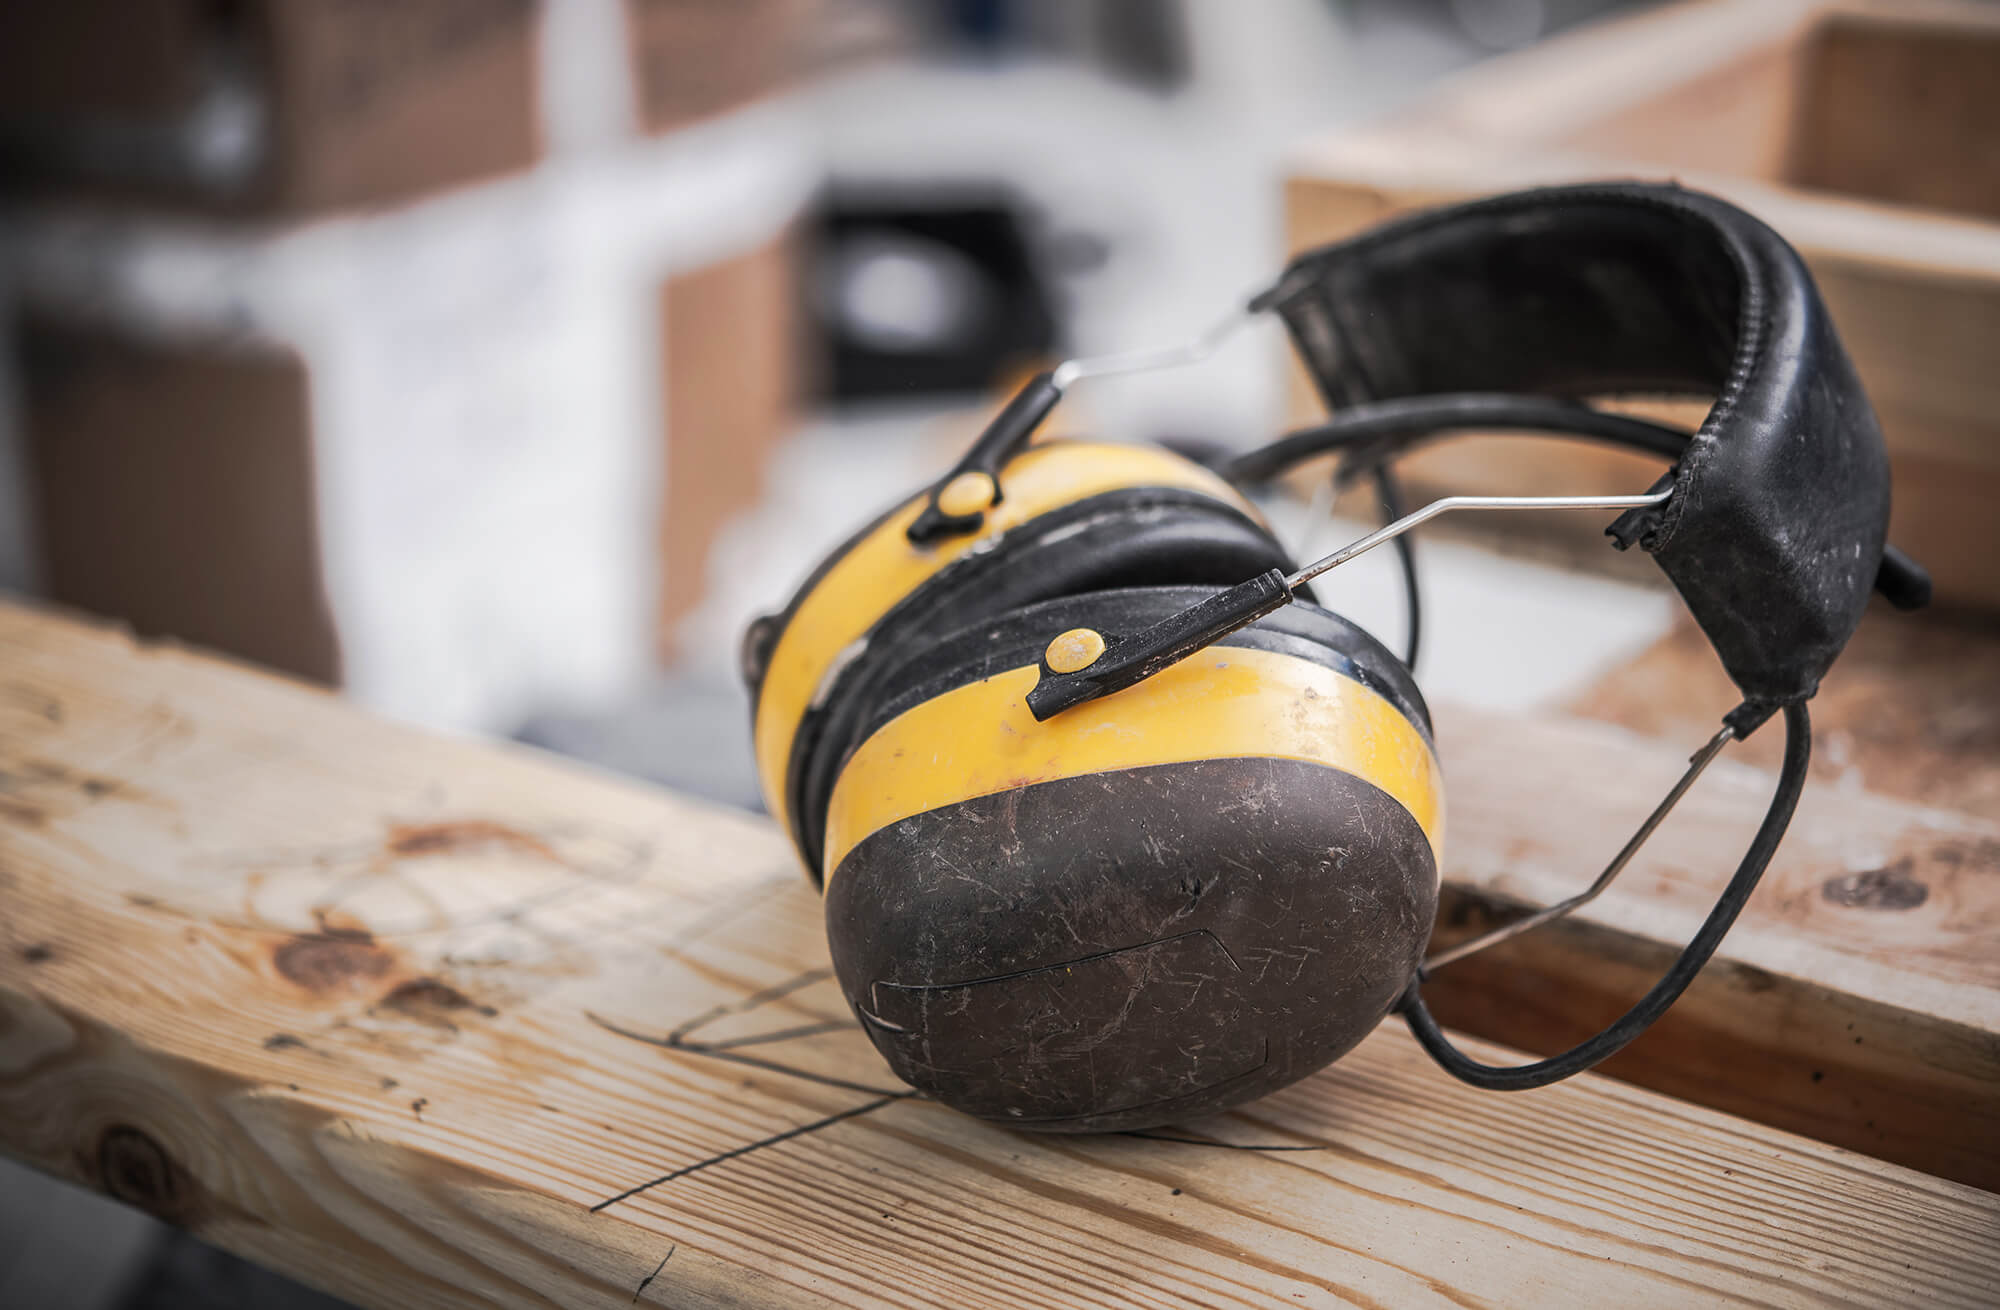 Du har PLIGT til at bruge høreværn, hvis støjen er over 85 dB(A).